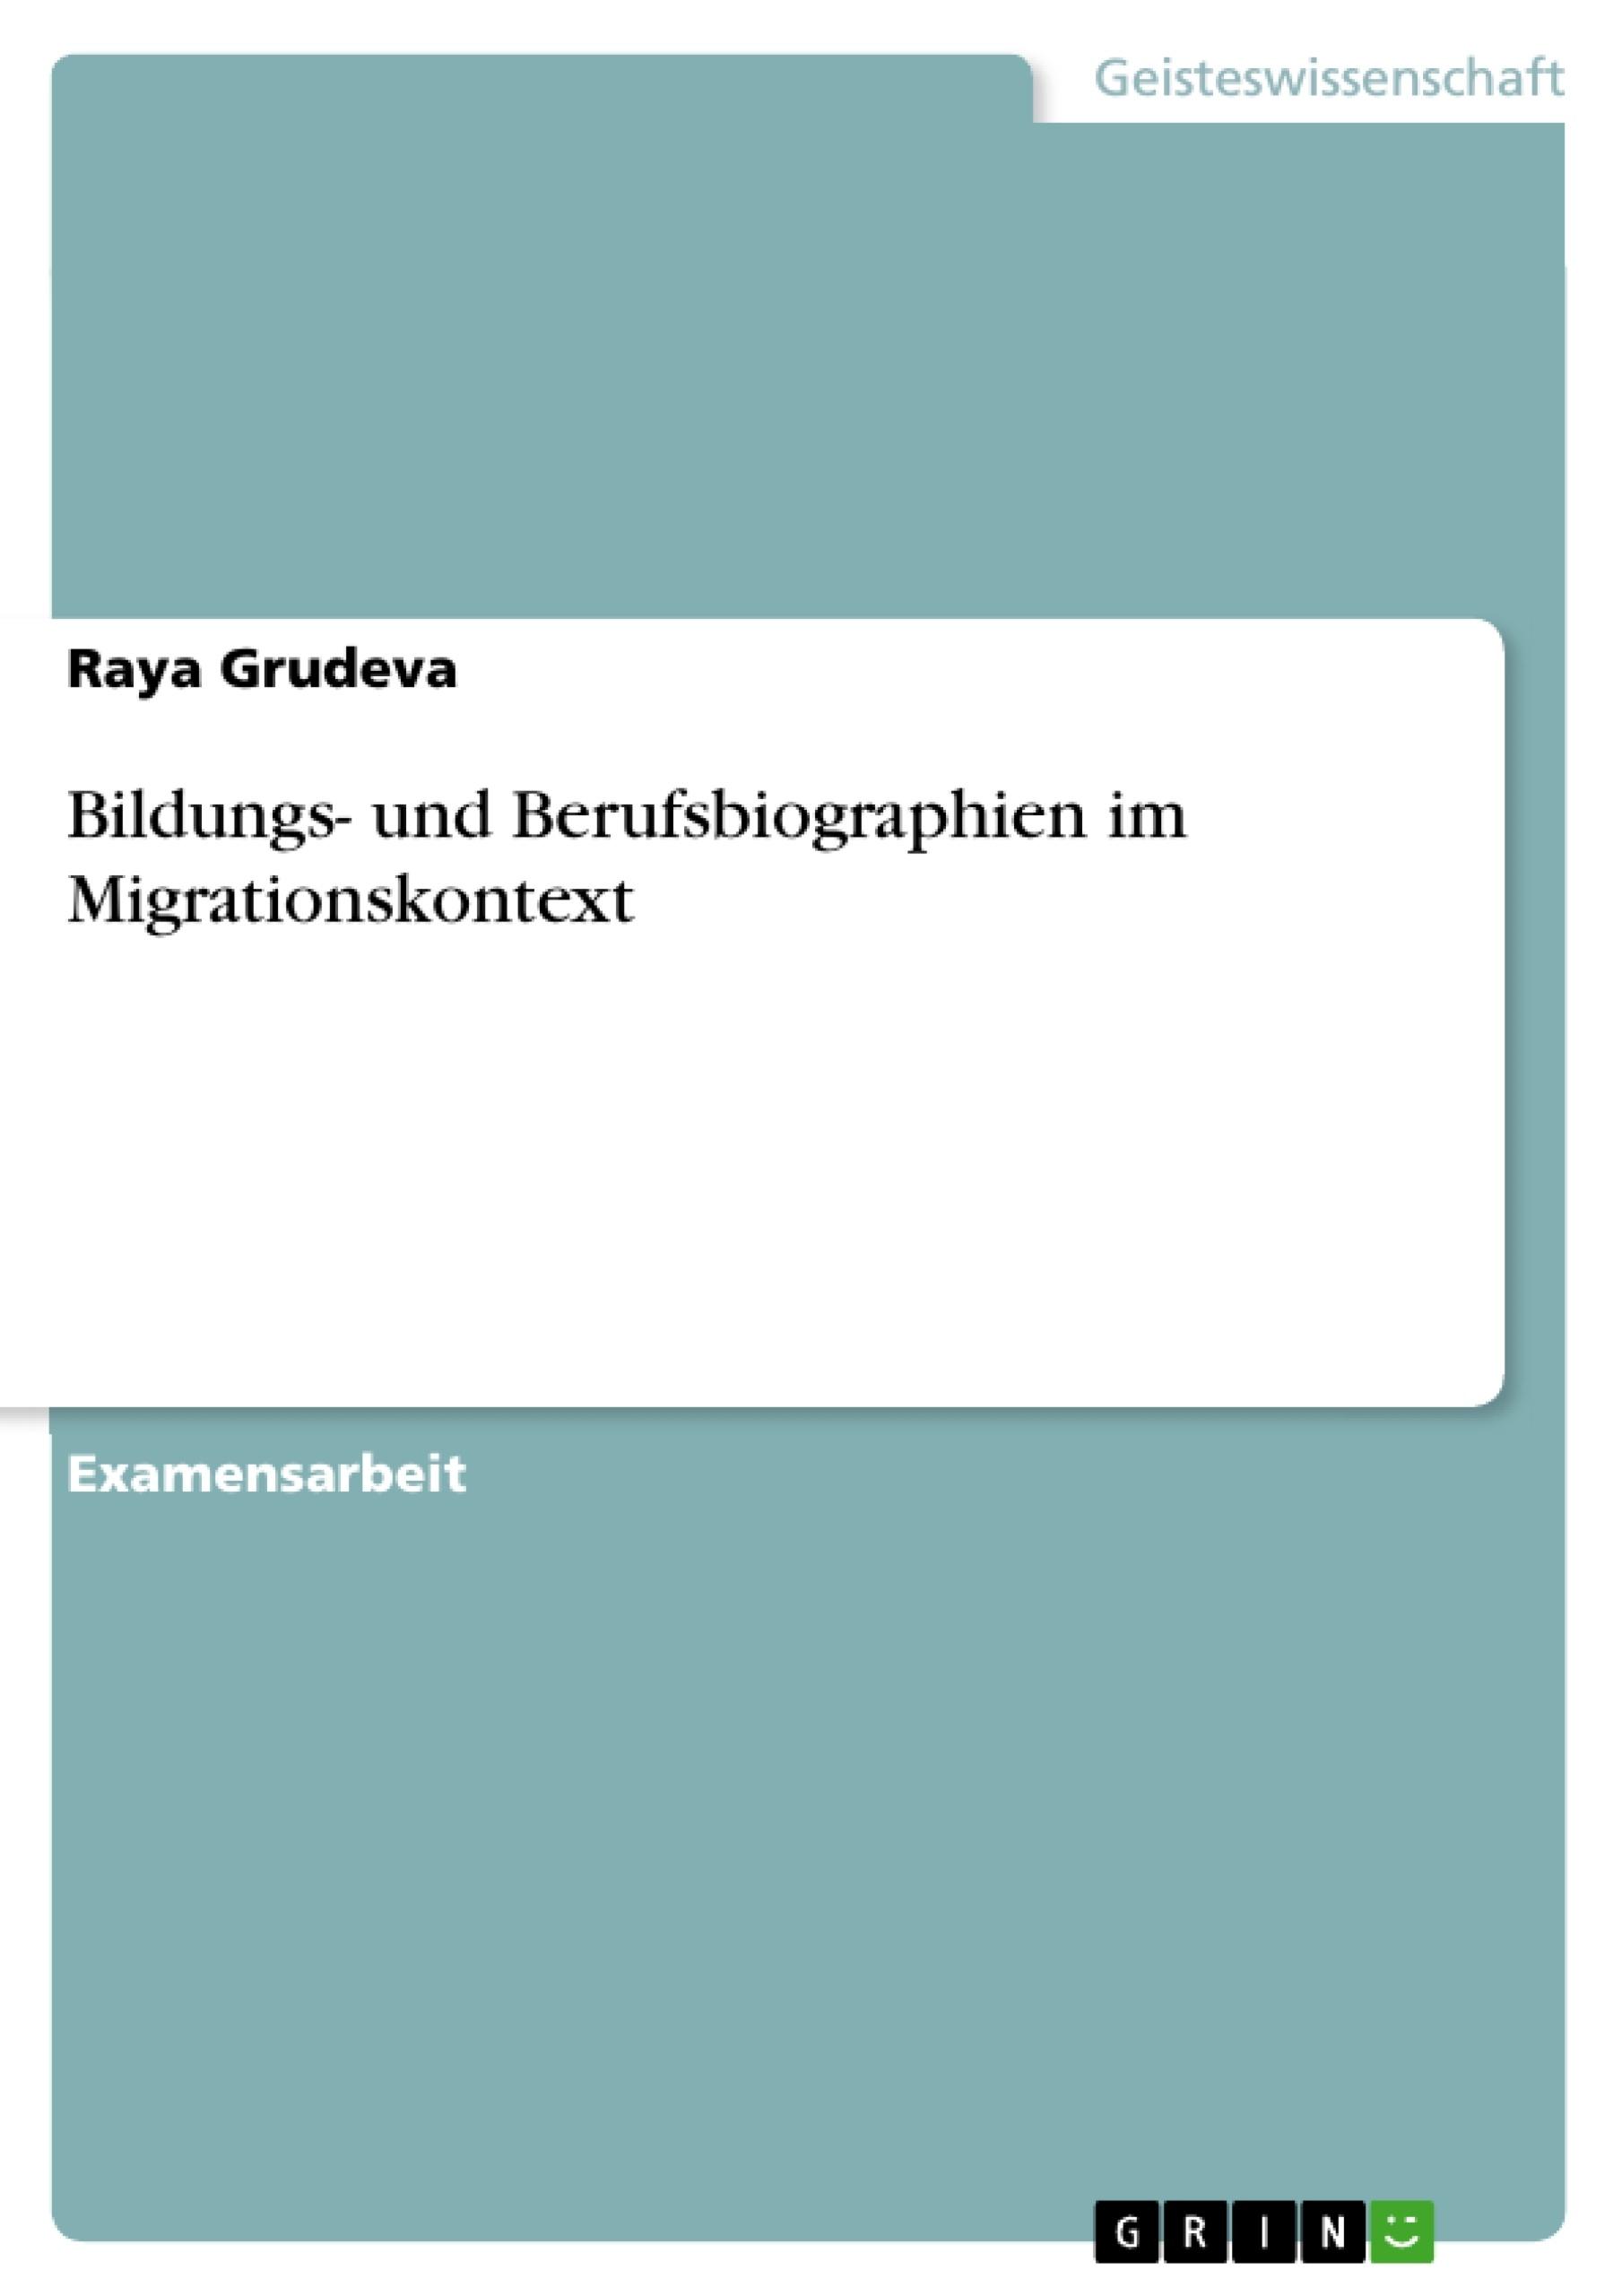 Titel: Bildungs- und Berufsbiographien im Migrationskontext